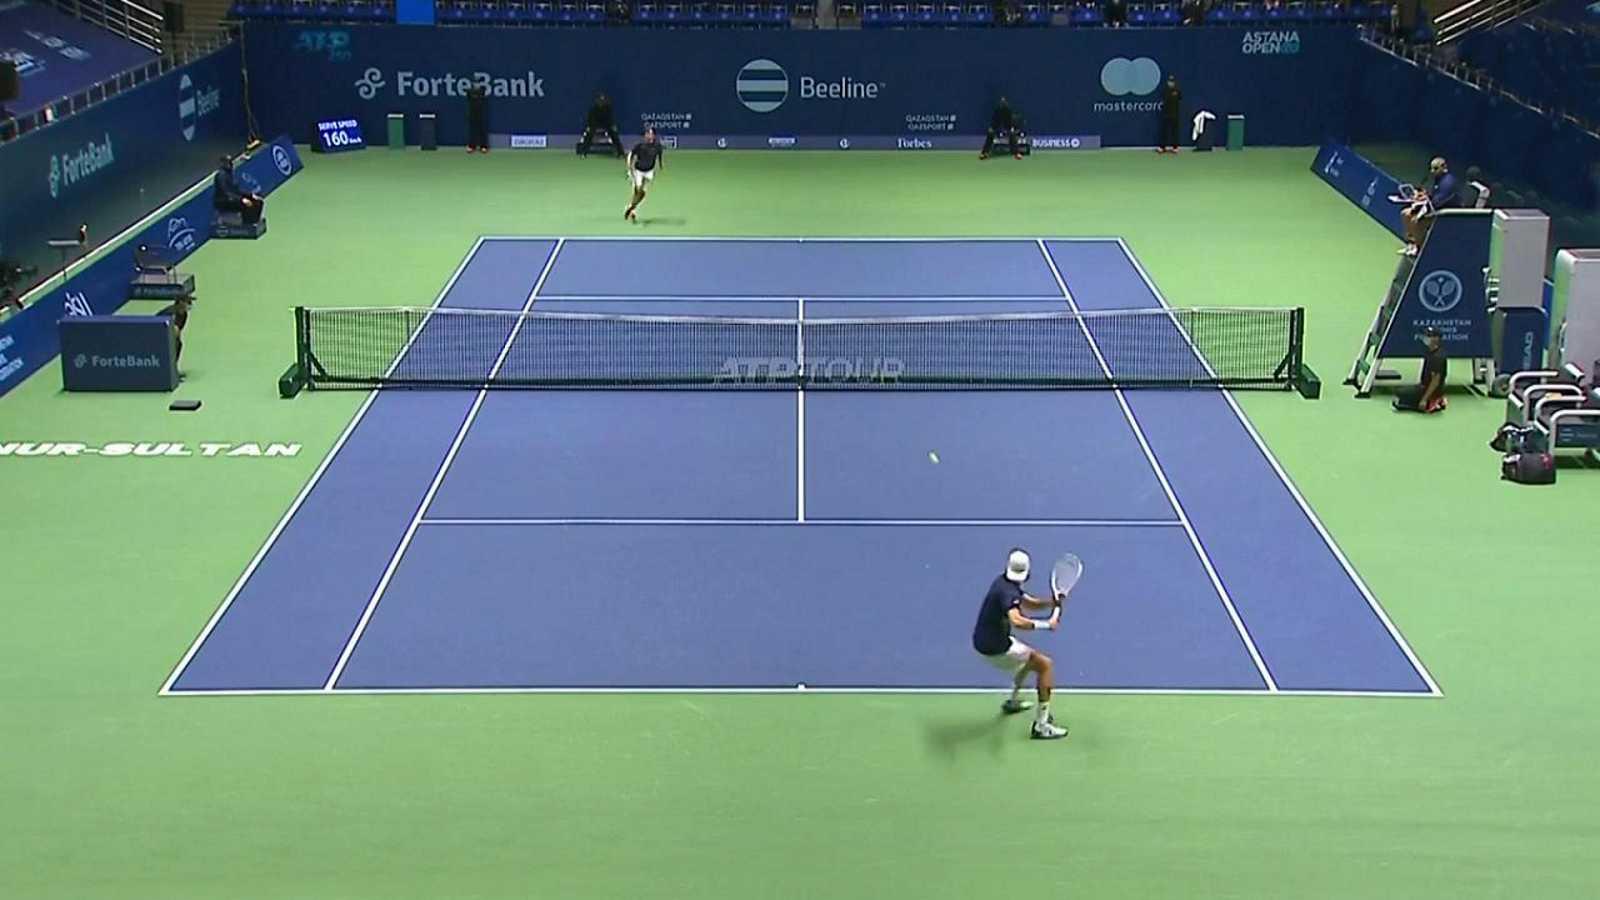 Tenis - ATP 250 Torneo Astaná: Timofey Skatov - Emil Ruusuvuori - ver ahora